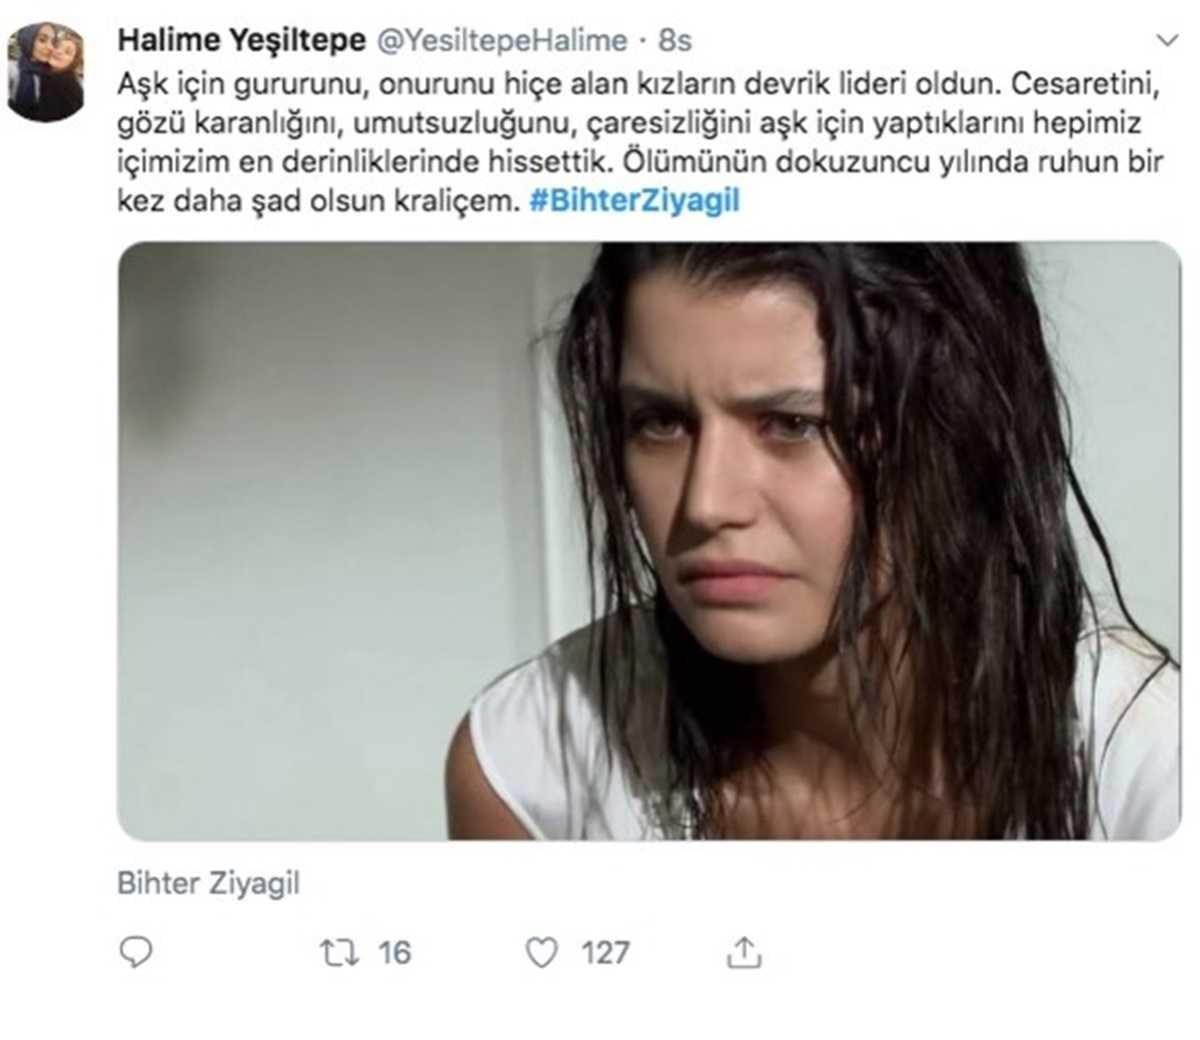 Aşk-ı Memnu Hayranları 24 Haziran'da Bihter Ziyagil'i Unutmadı, Twitter'de TT Oldu